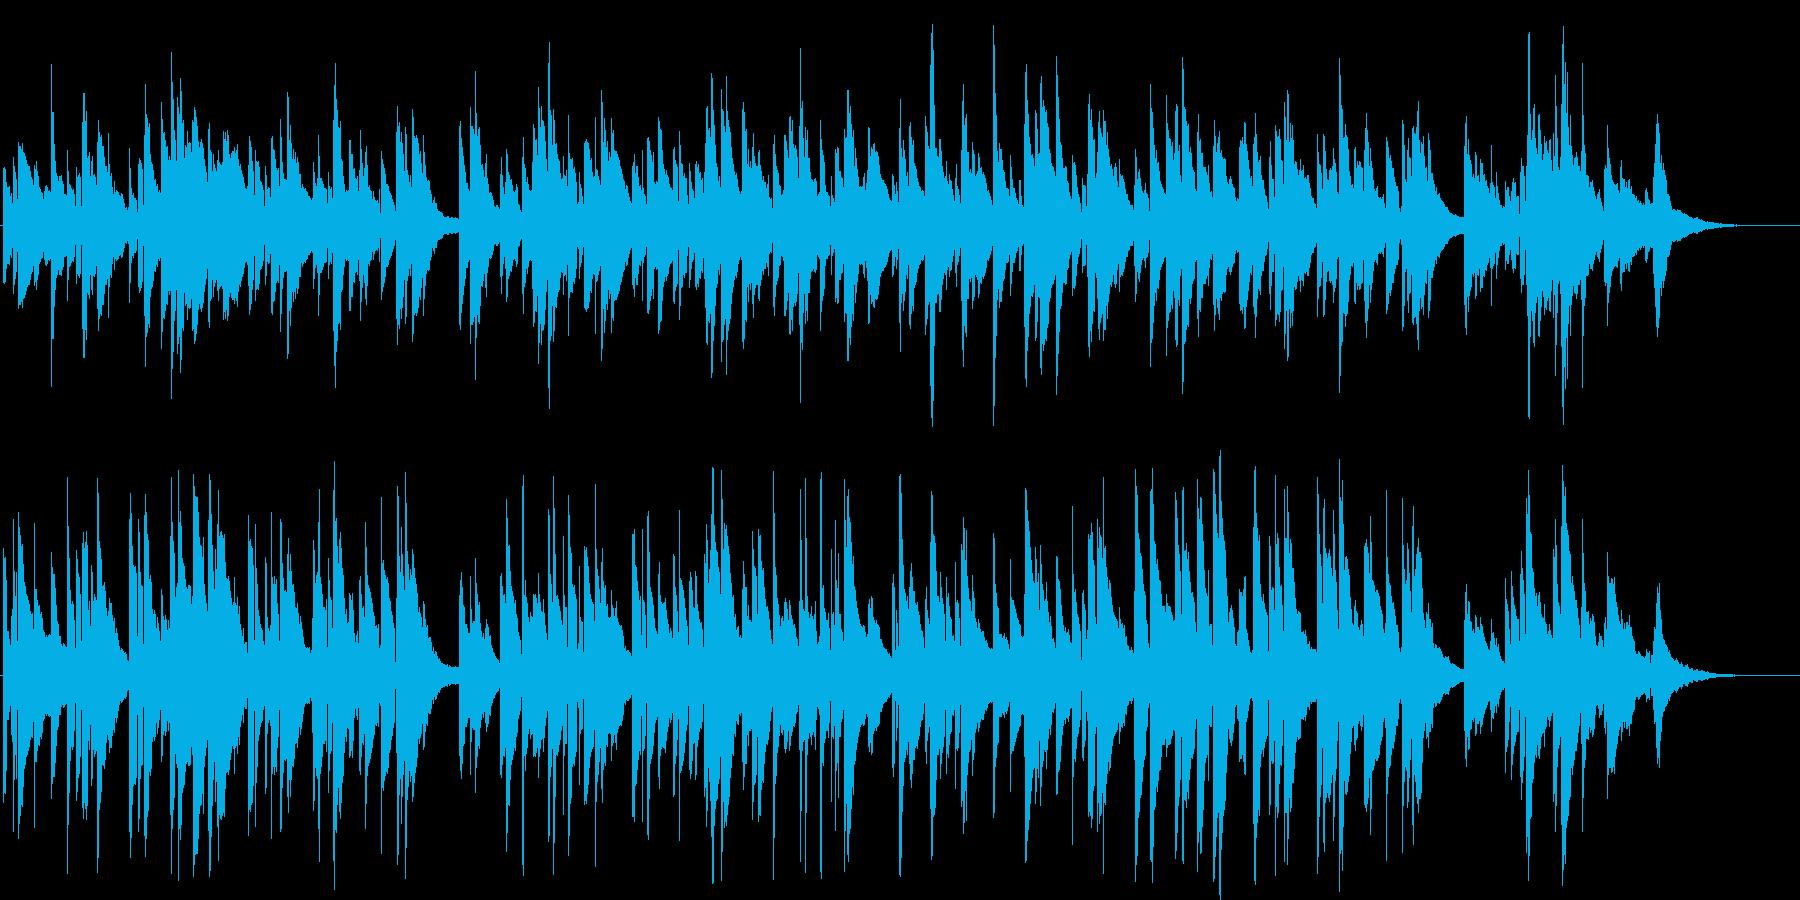 昭和時代を思い出す懐かしいブルースソングの再生済みの波形